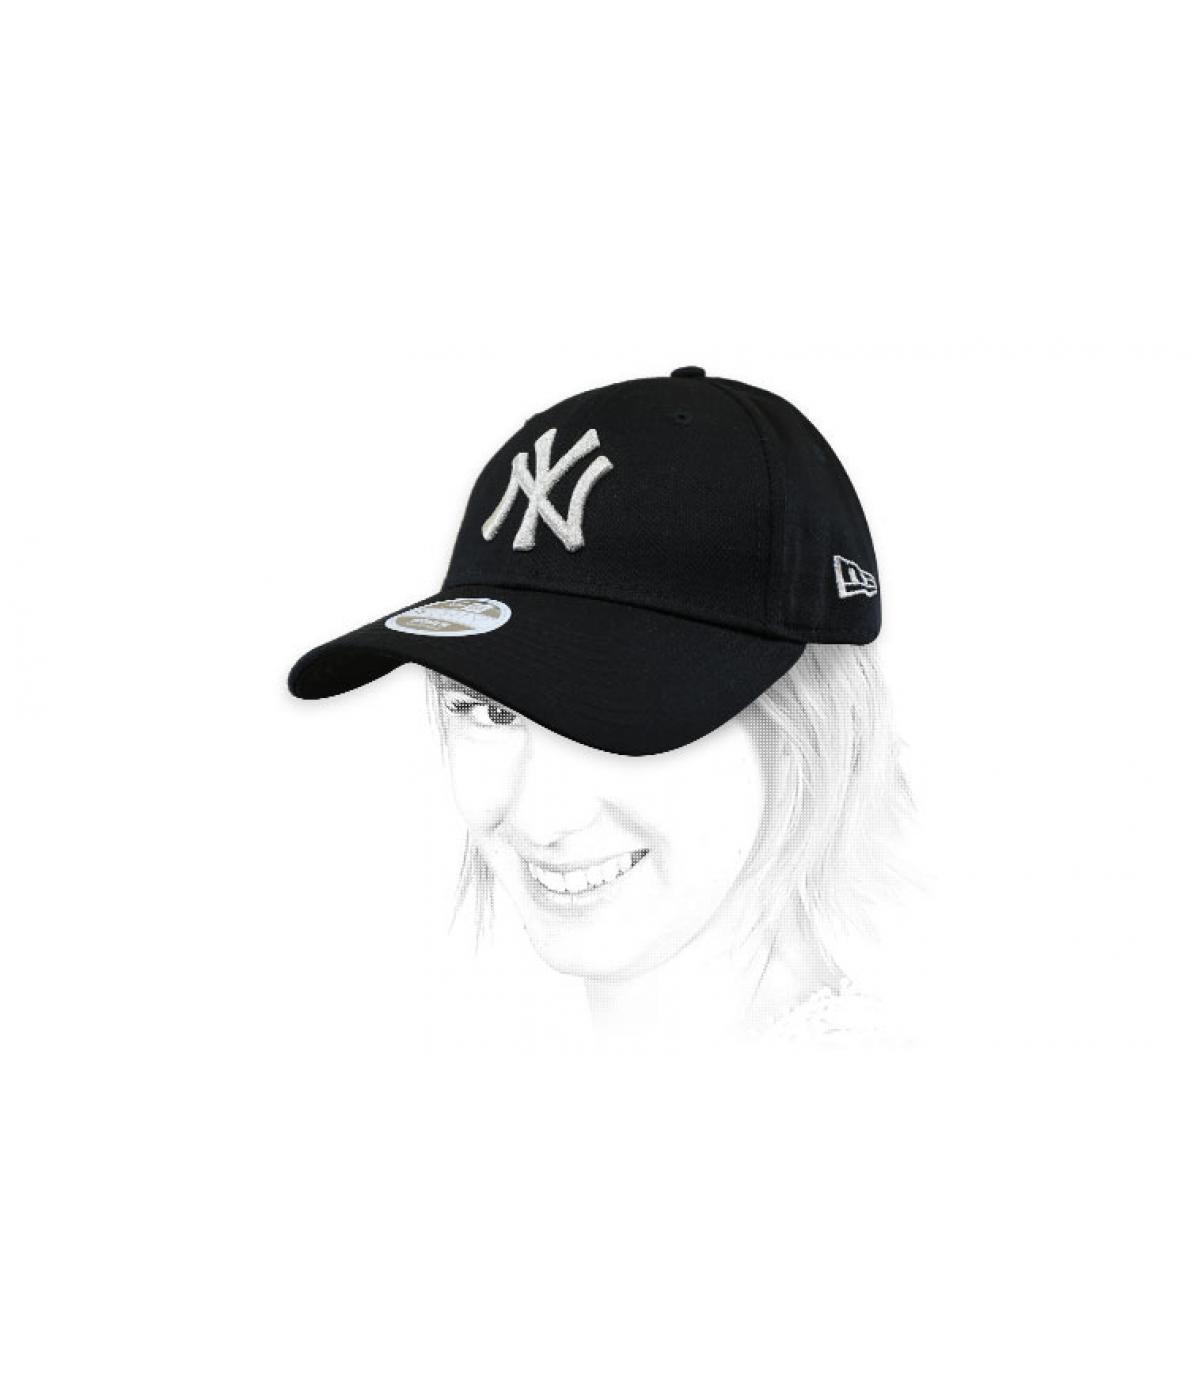 casquette femme NY noir argent